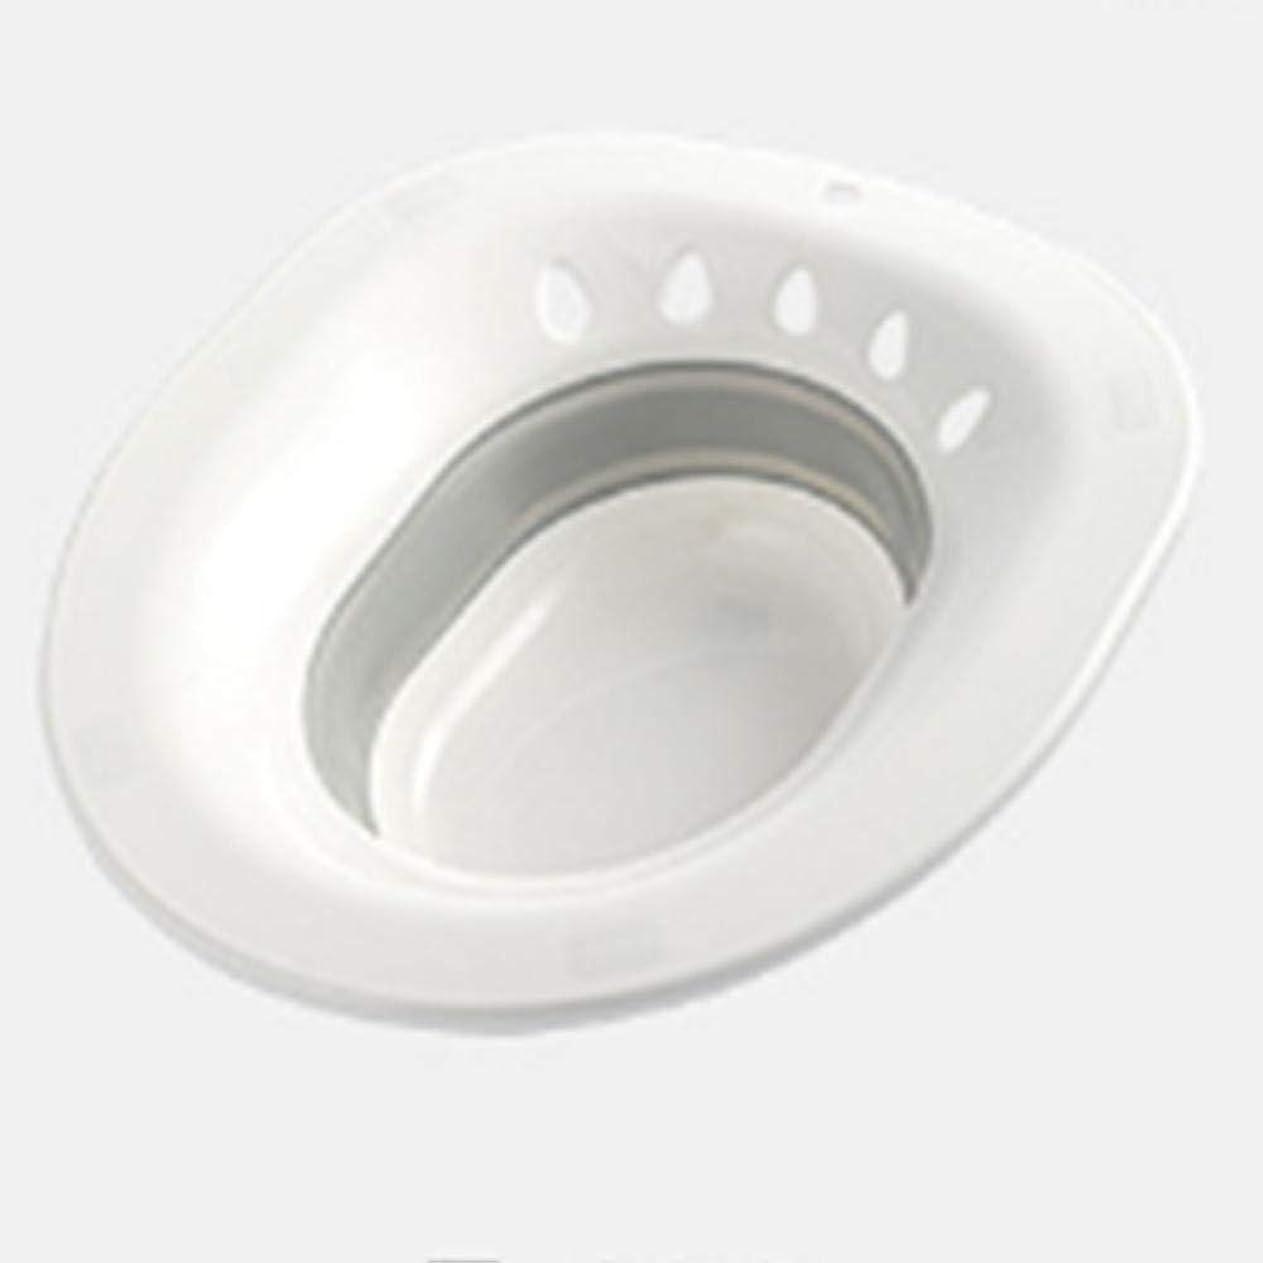 抑制する争い順番シッツバスヒップバスフラッシャーバス洗面器妊娠中の女性のためのFu蒸Heトイレのヒップバスタブとフラッシャーの患者